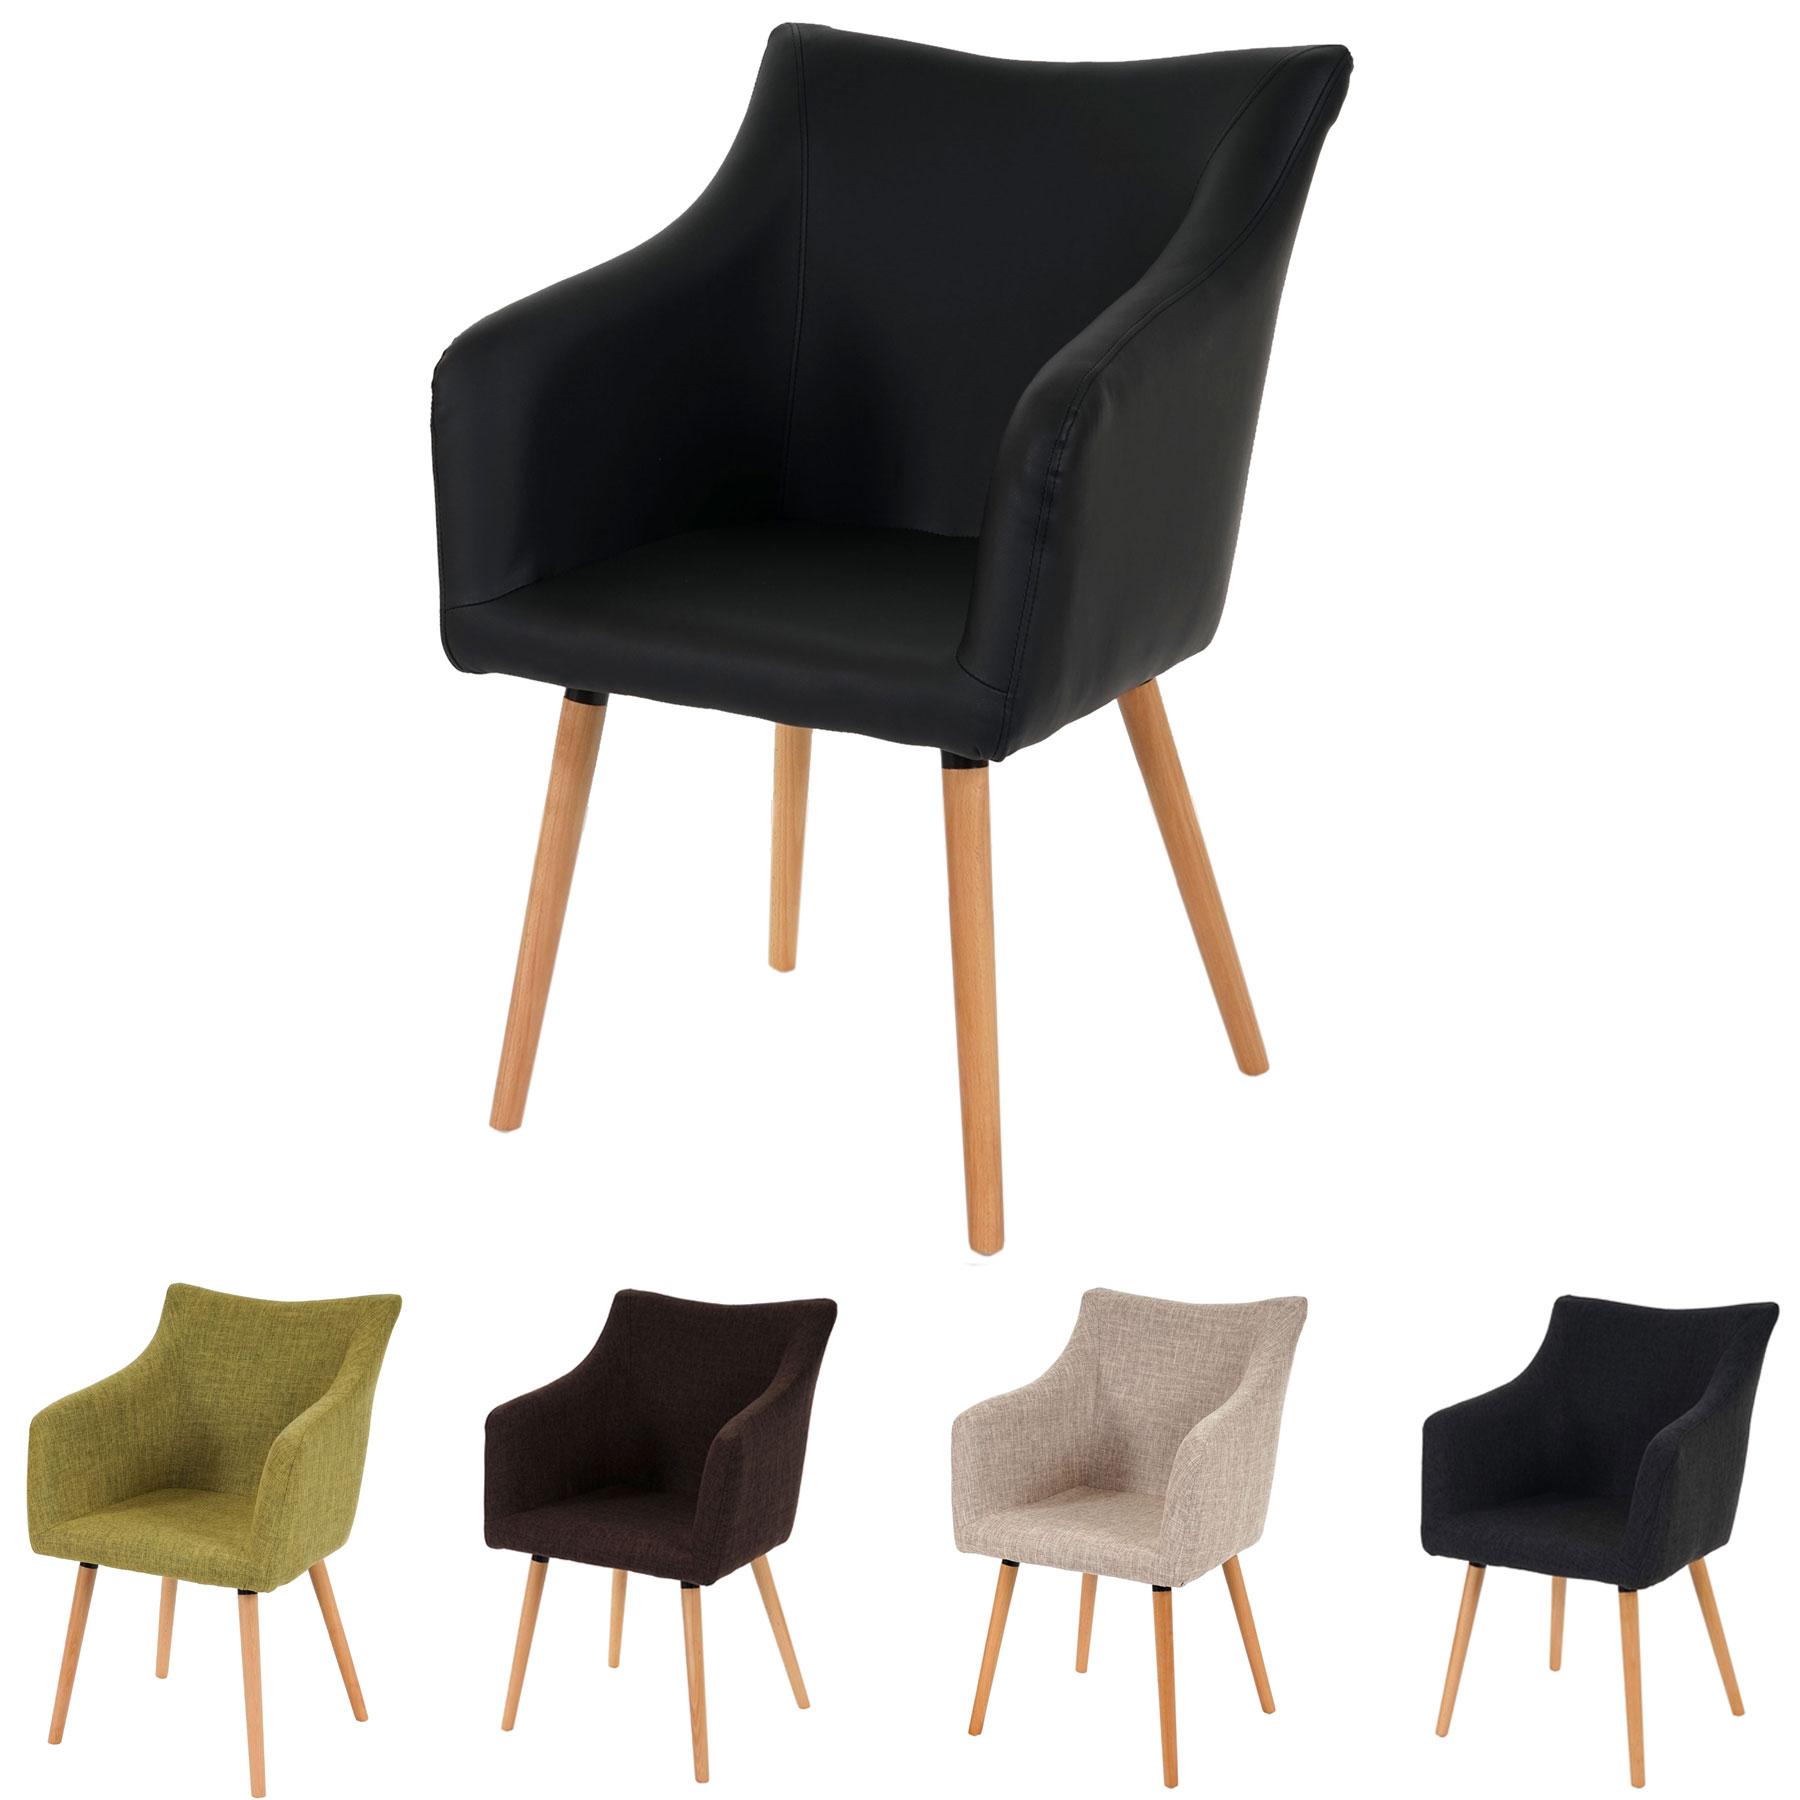 stuhl sitzh he 60 cm machen sie den preisvergleich bei nextag. Black Bedroom Furniture Sets. Home Design Ideas